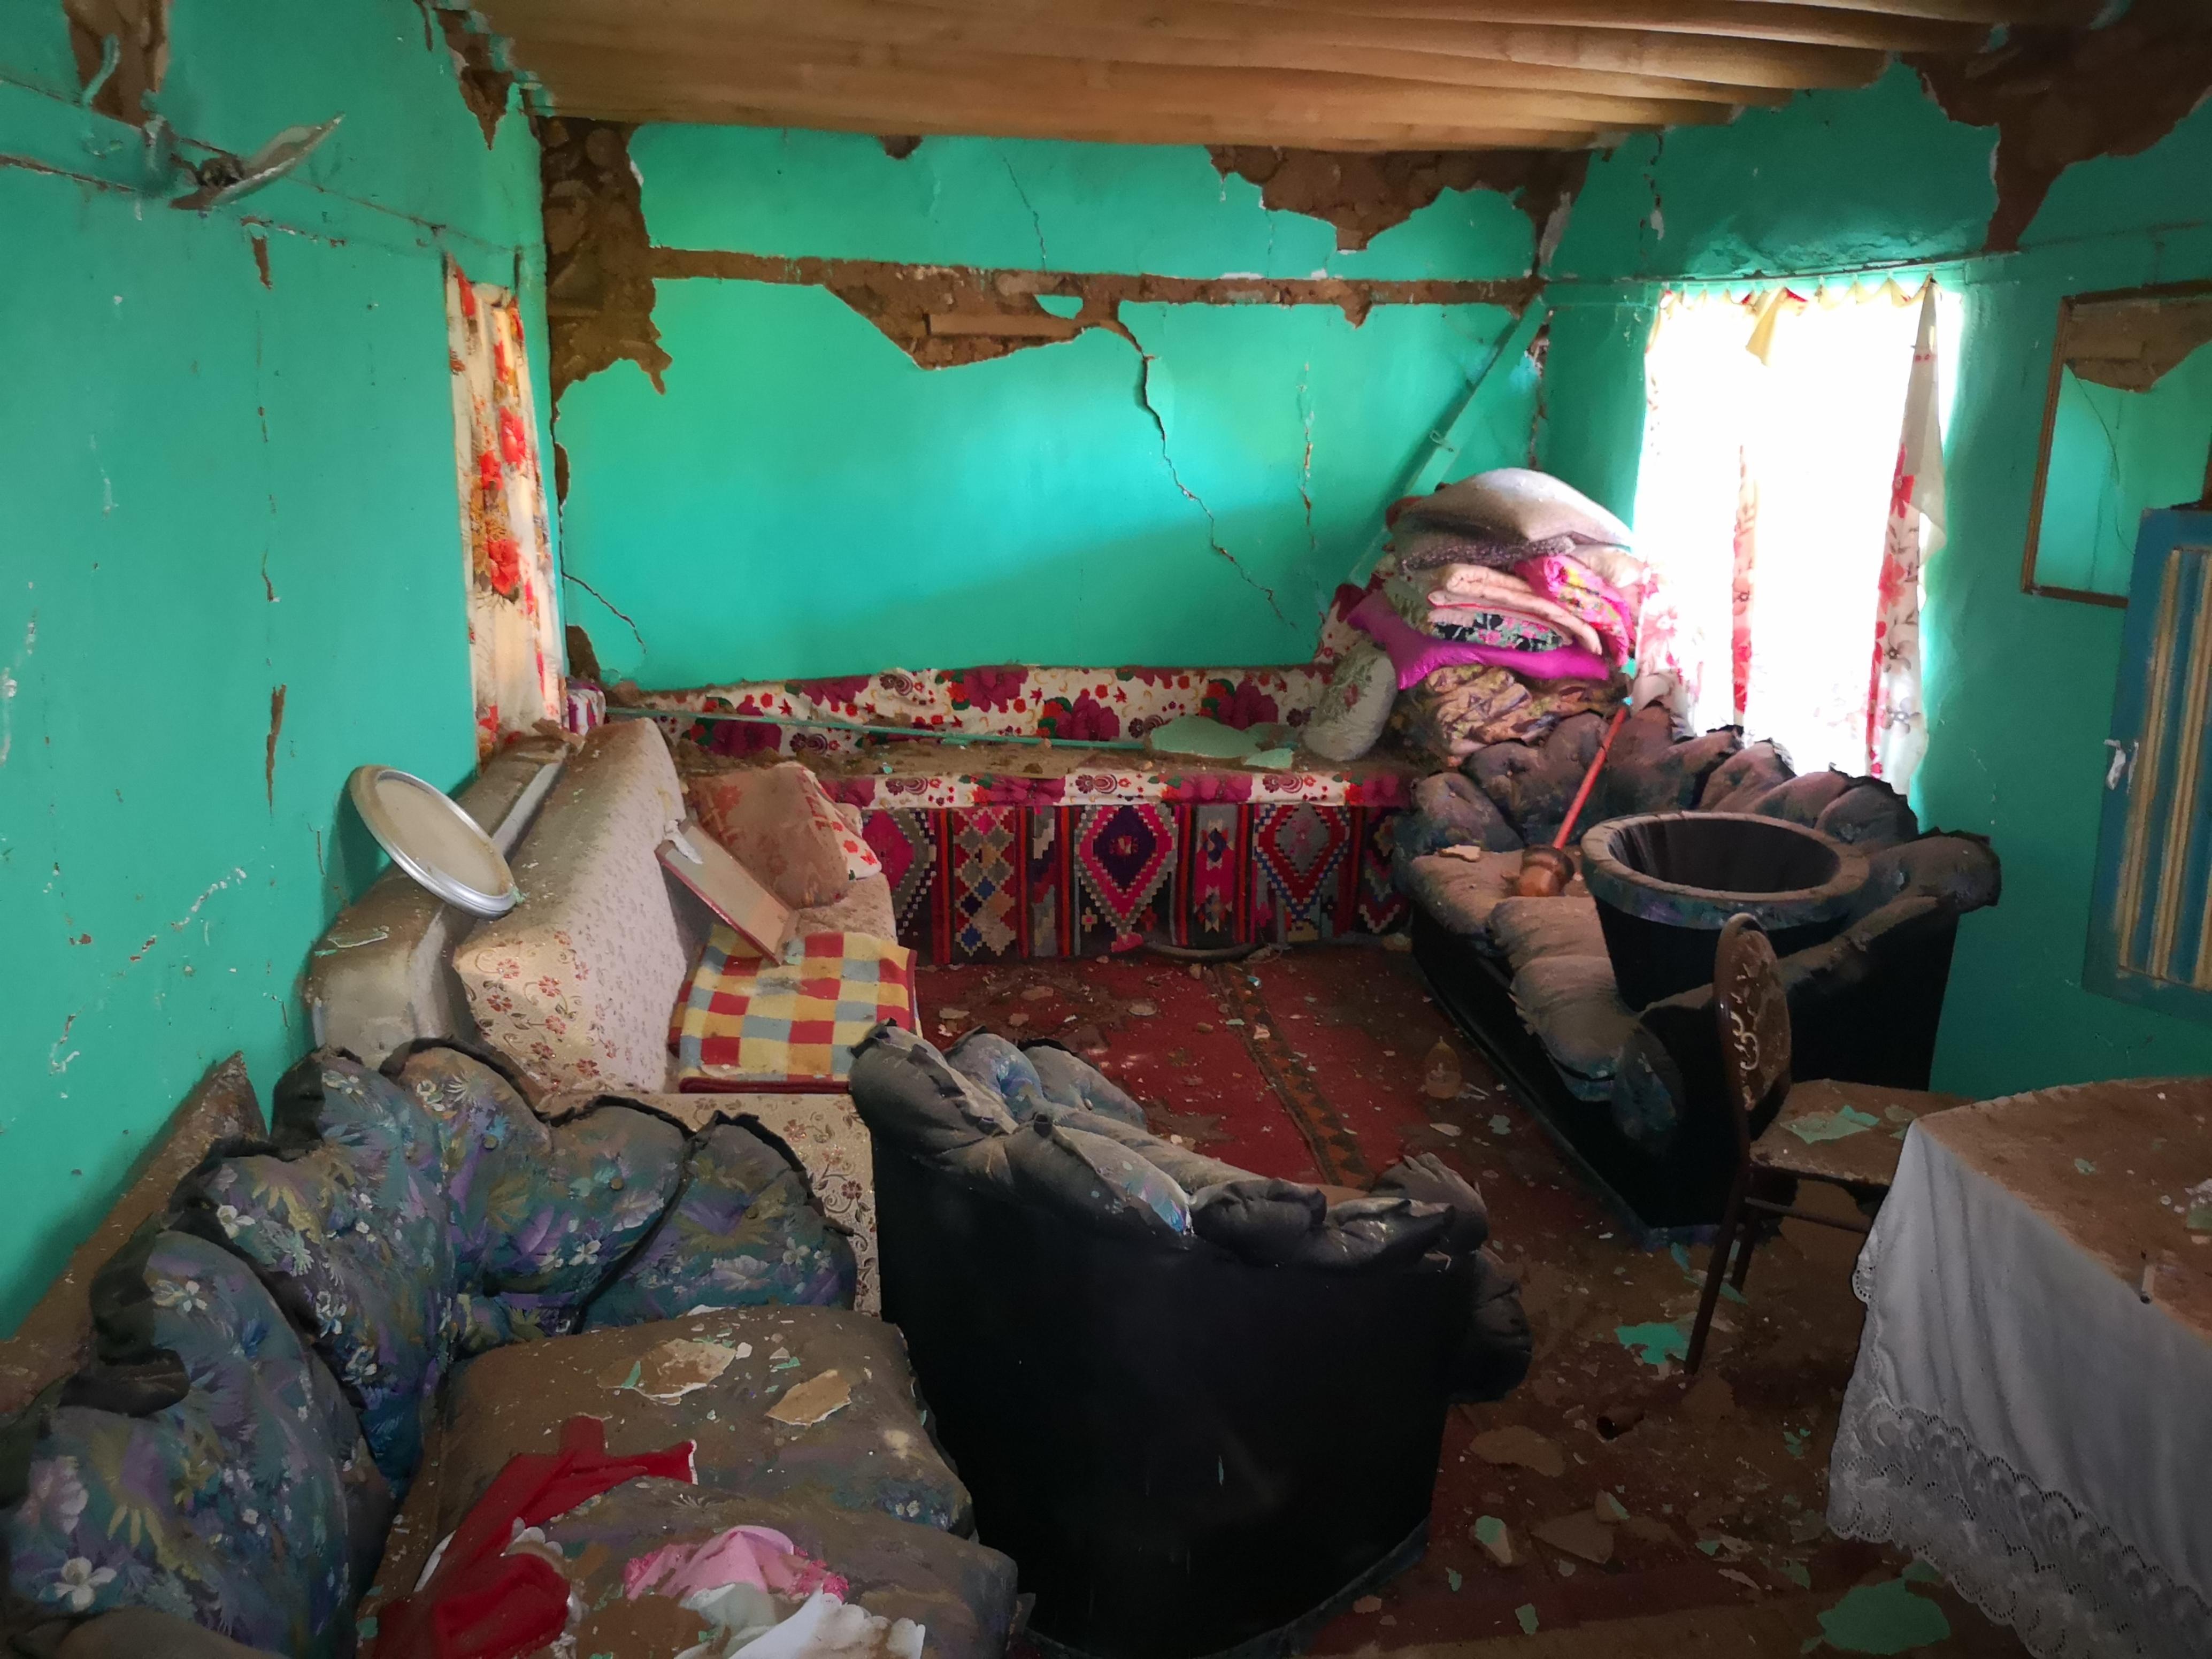 5-2lik-depremden-sonra-malatyada-derin-yariklar-olustu-6885-dhaphoto14.jpg